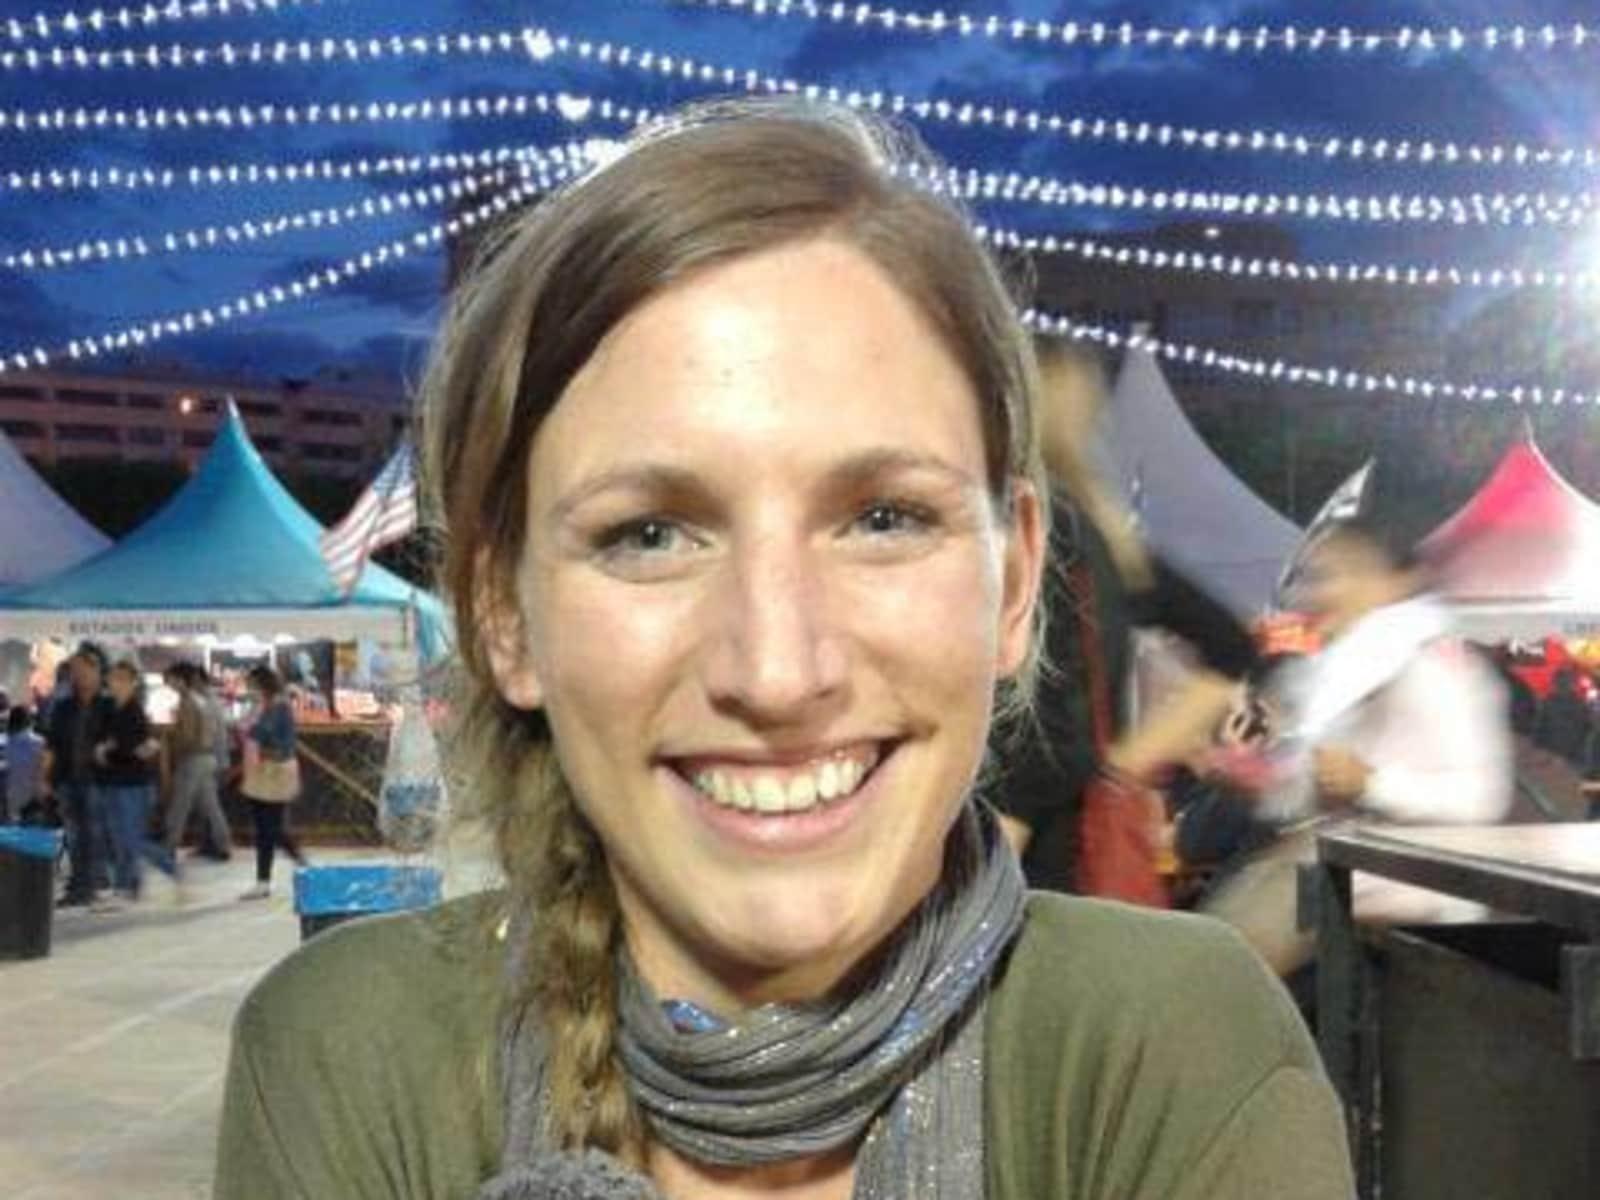 Sigrid from Antwerpen, Belgium